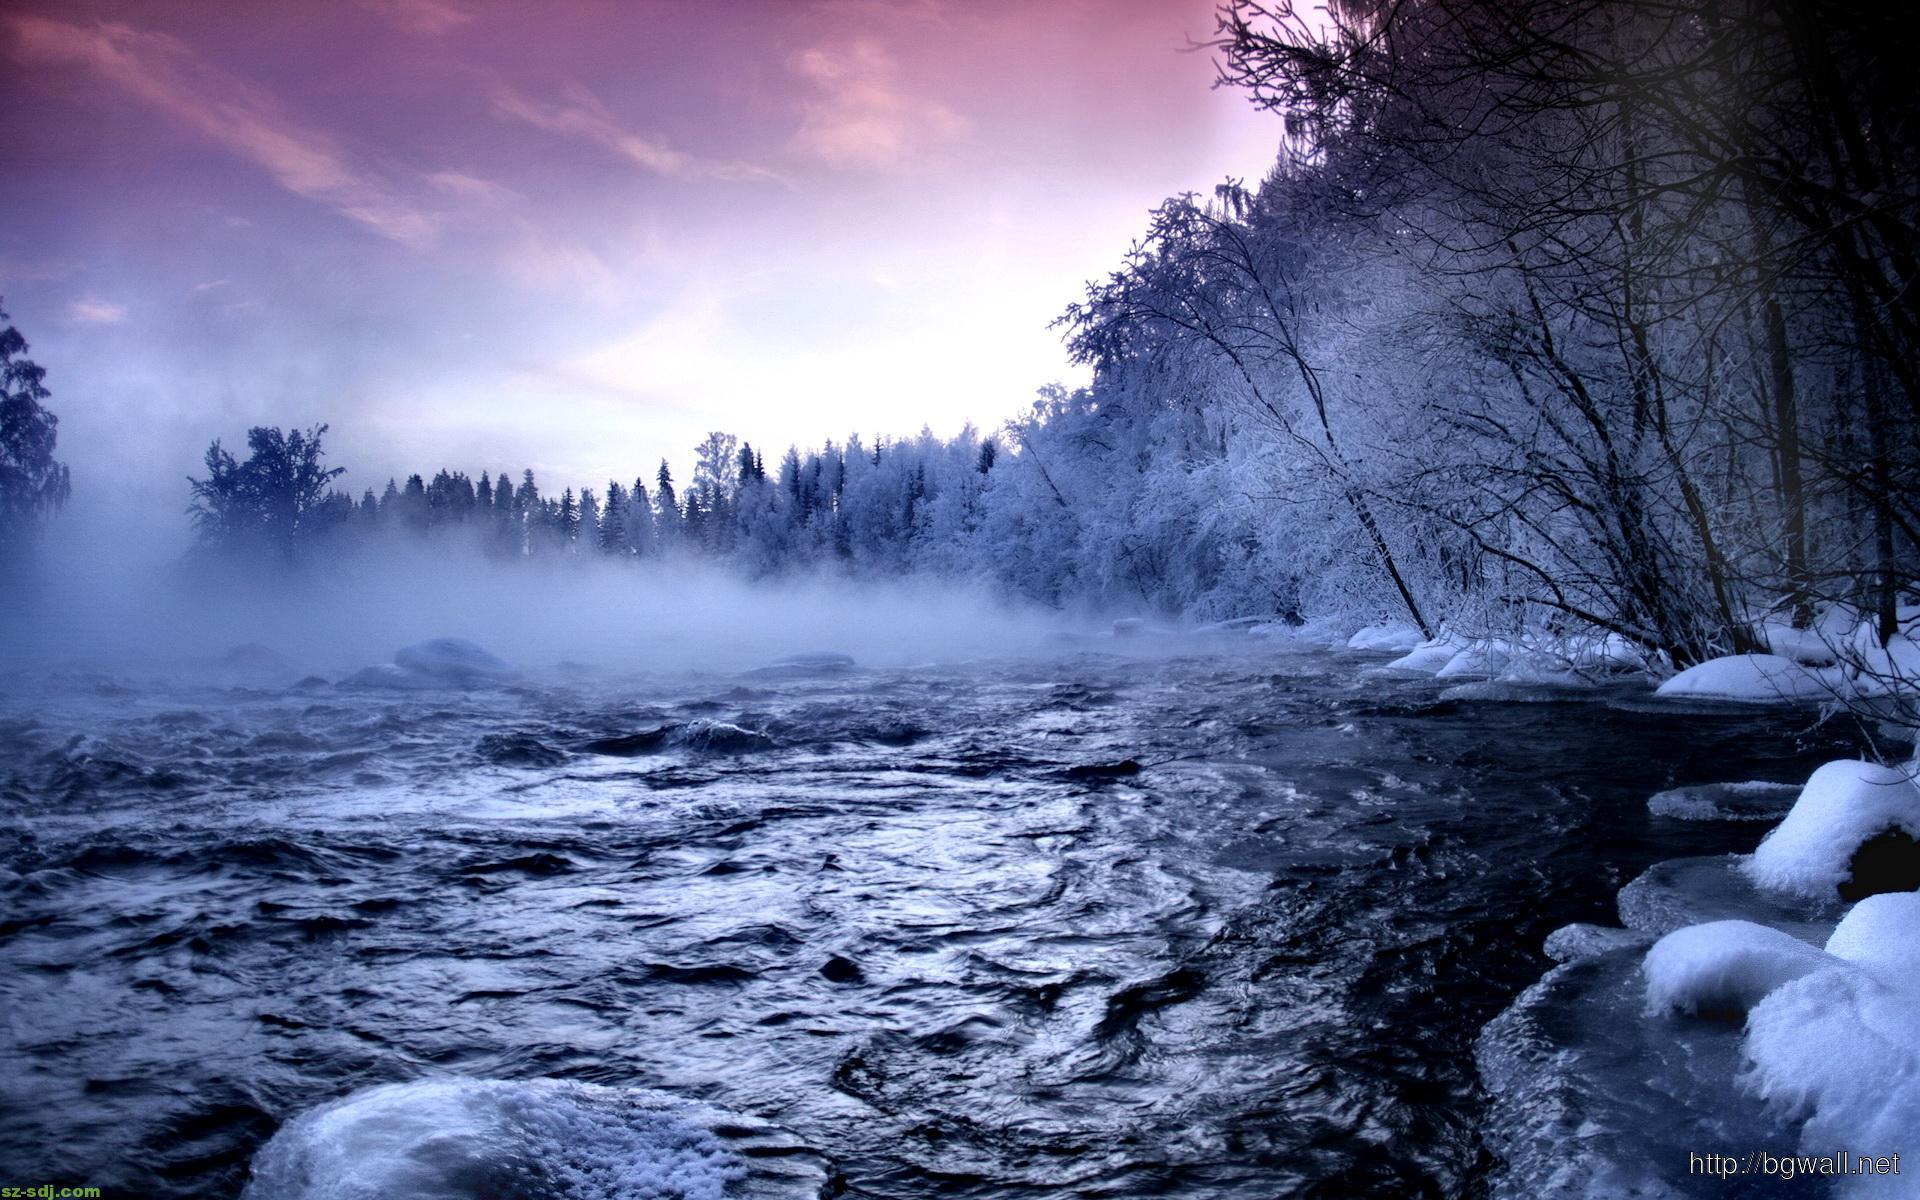 fog-on-the-river-desktop-wallpaper